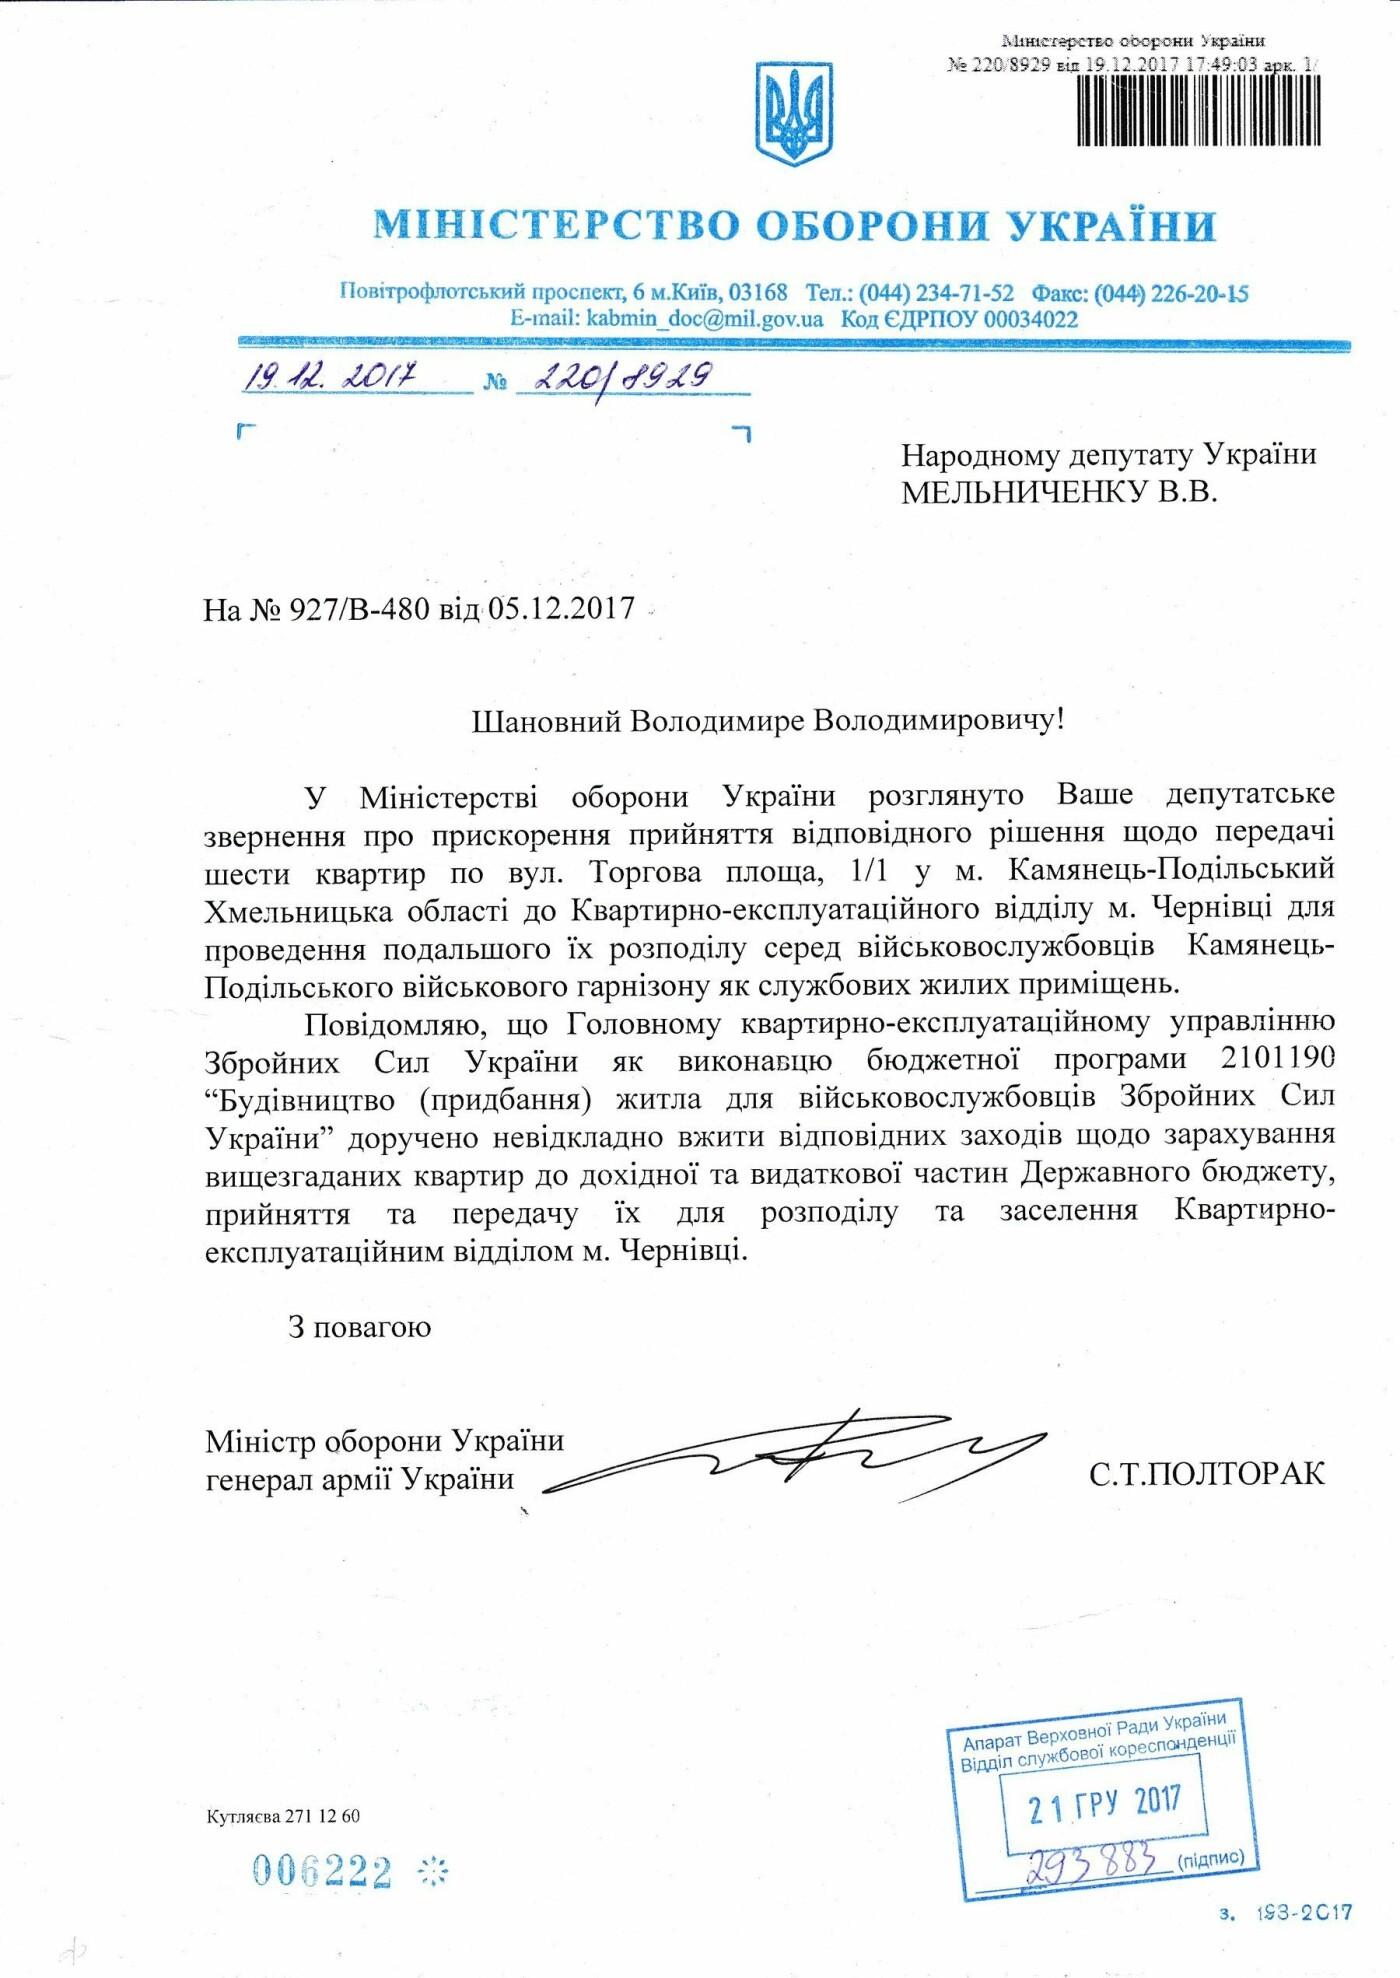 Кам'янець-Подільські військовослужбовці висловлюють подяку за отриманні квартири, фото-1